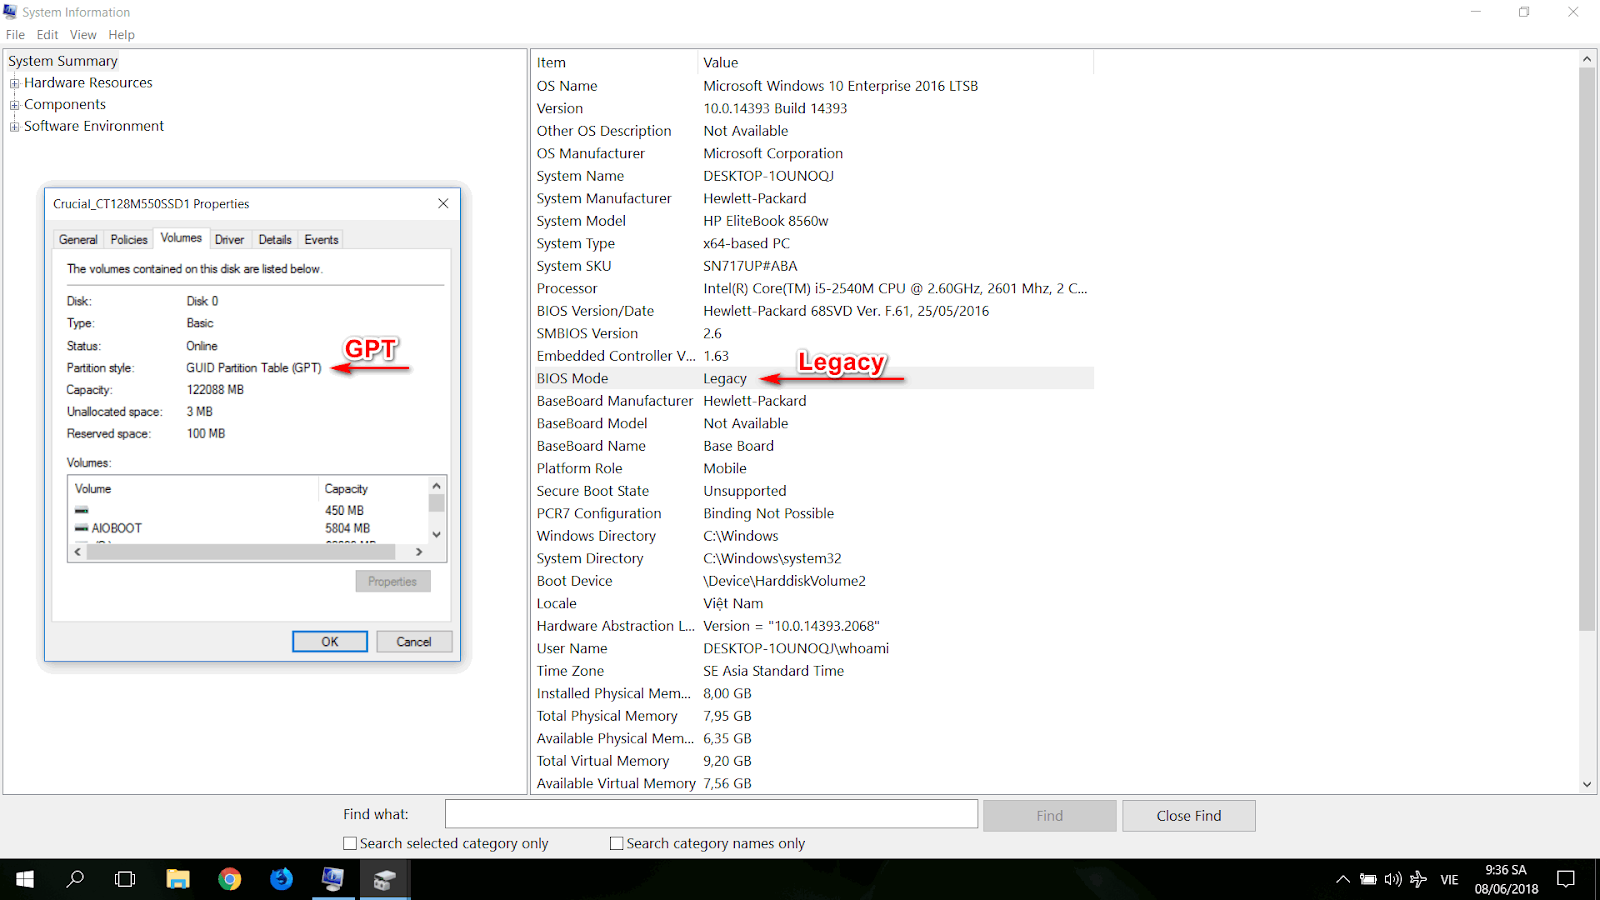 Nếu HDD đang ở dạng MBR thì chuyển sang định dạng GPT bằng cách vàoDiskchọnConvert to GUID Khi đã ở định dạng GPTthì xoá phân vùng Windows cũ, rồi tạo 3 phân vùng mới là EFI, MSR và phân vùng Windowsnhư sau: